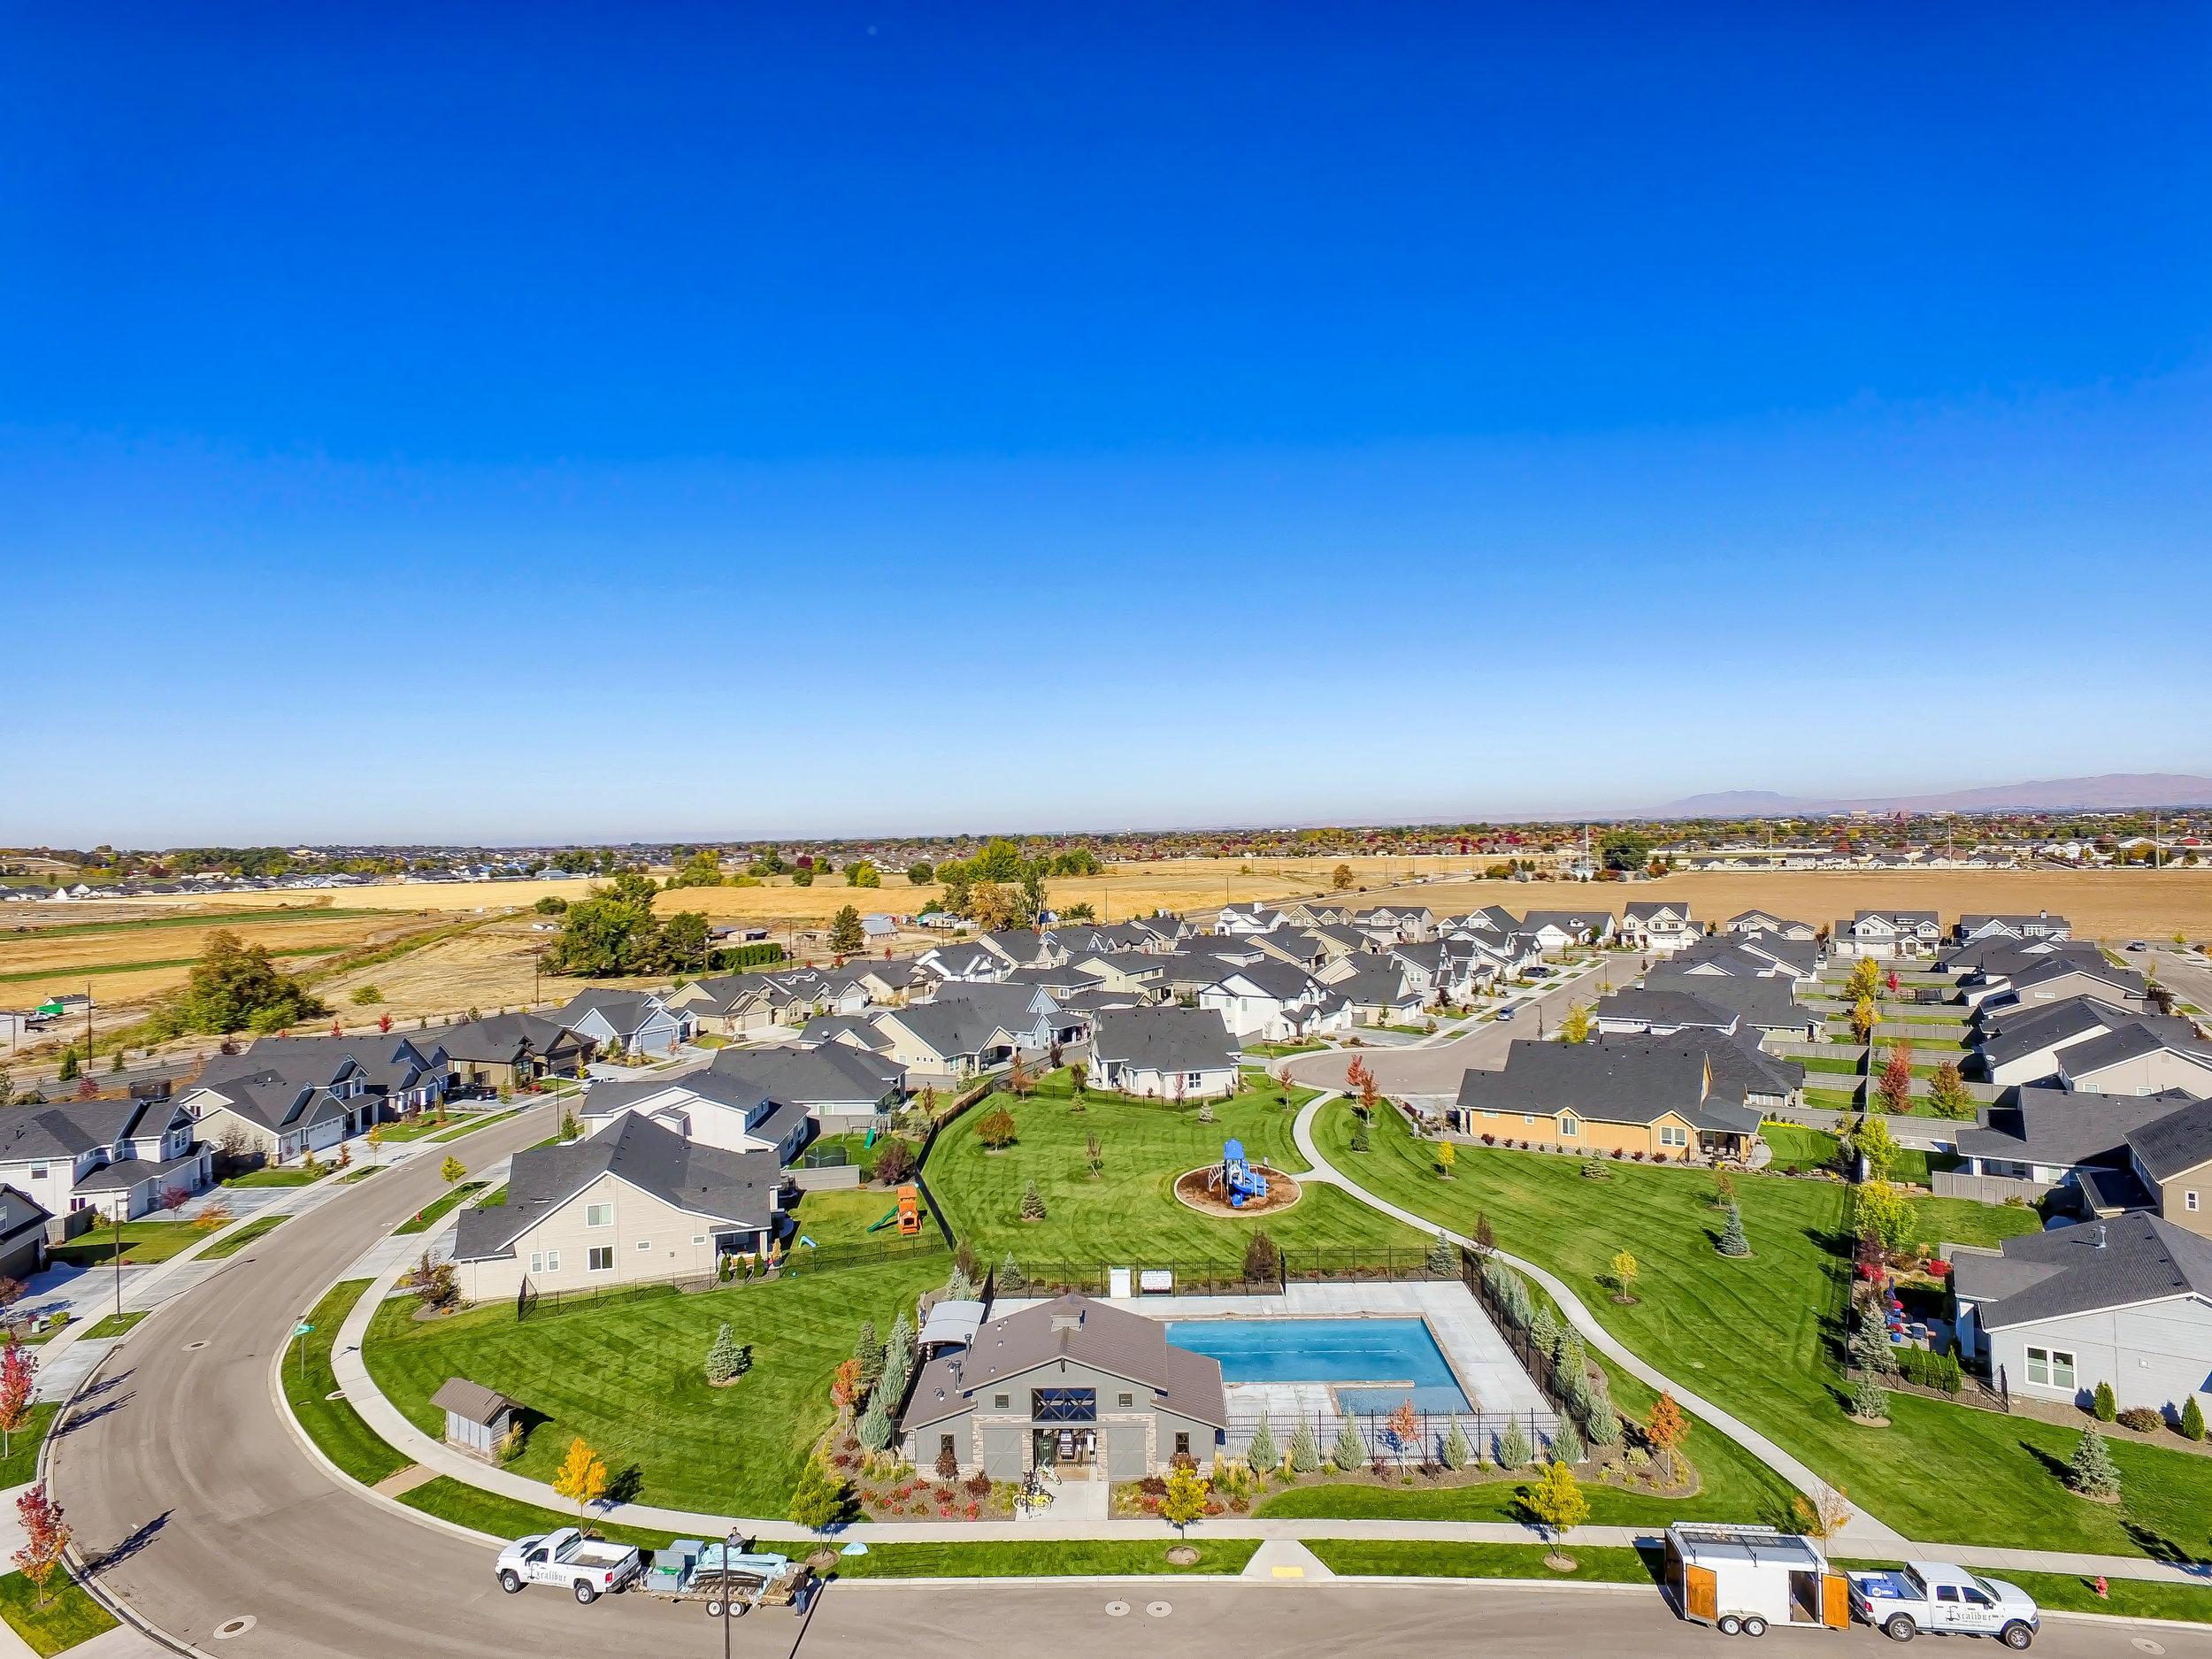 019_Aerial Community View_4.jpg